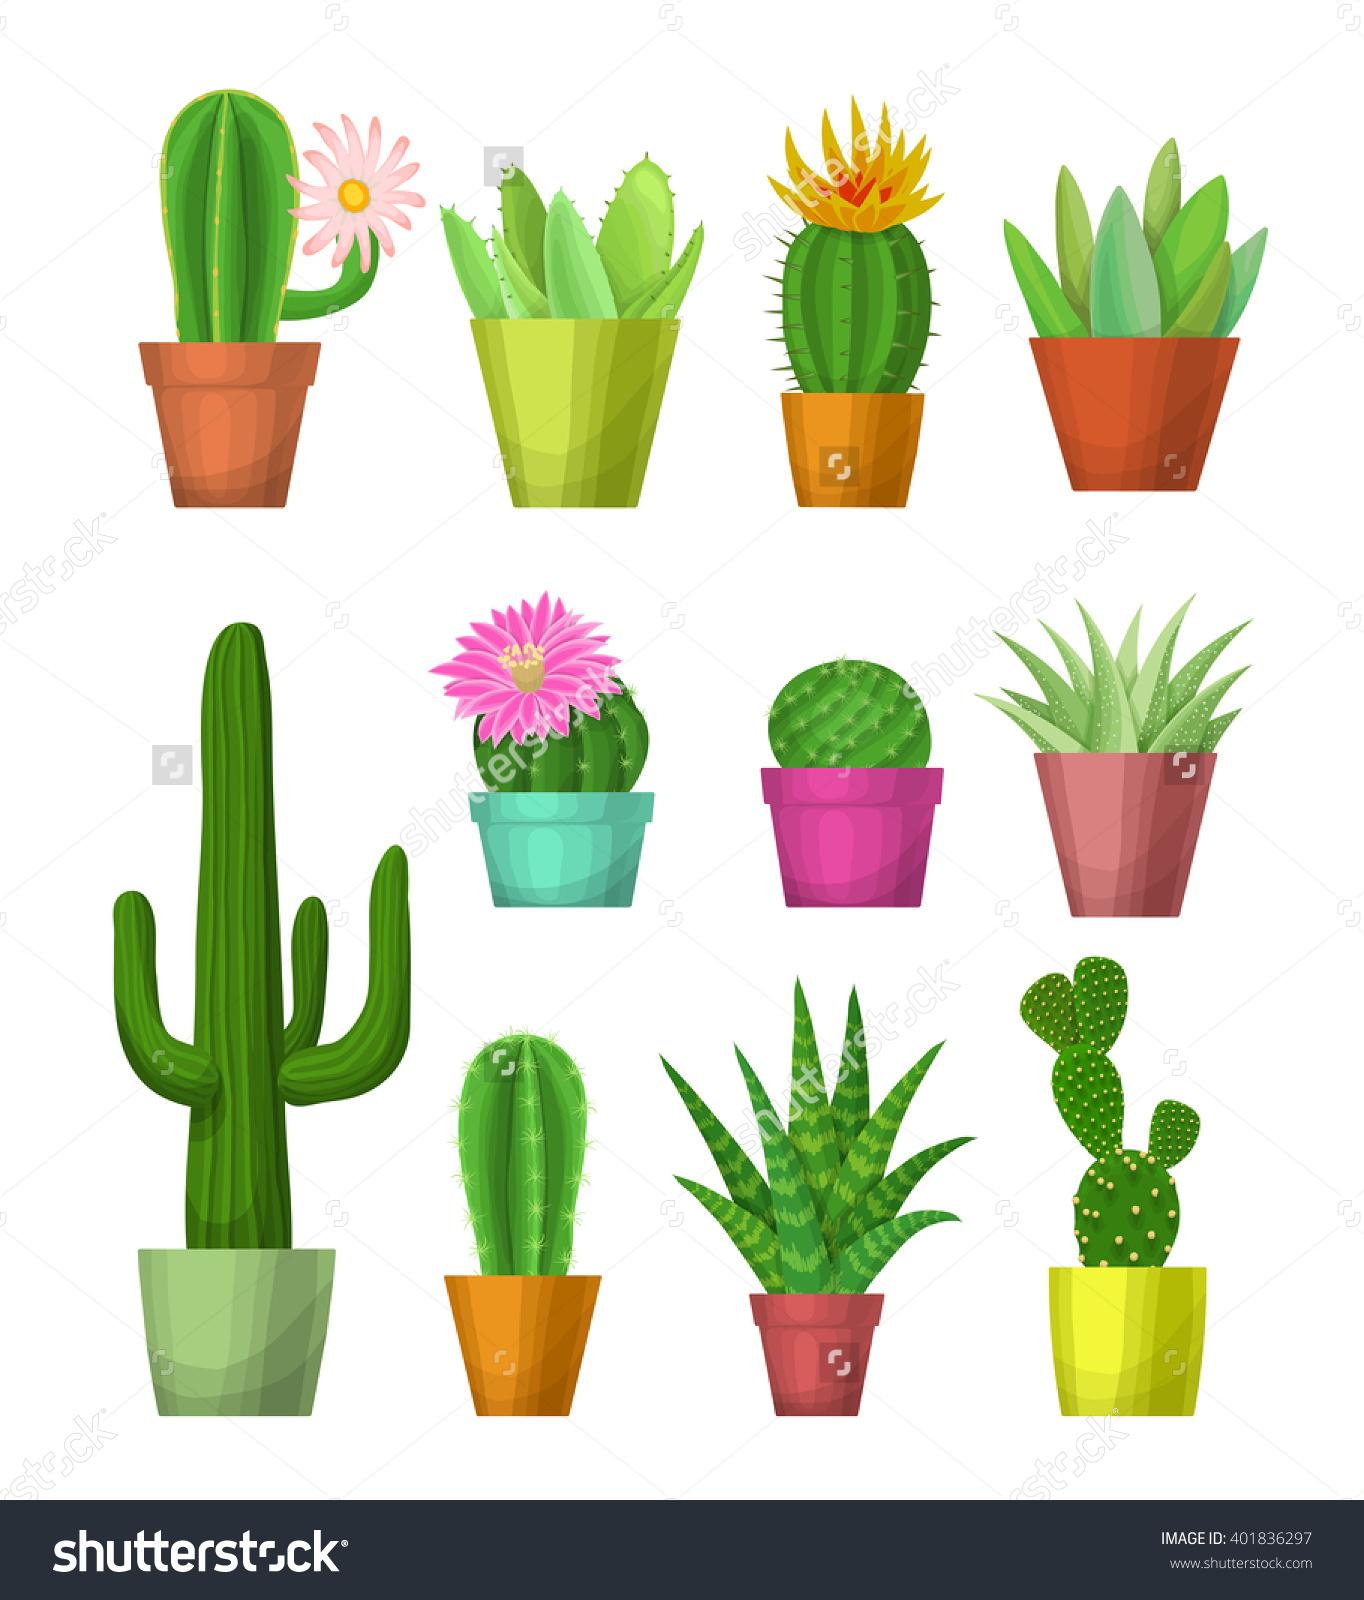 House Plants Pots Cacti Succulents Flowers Stock Vector 401836297.